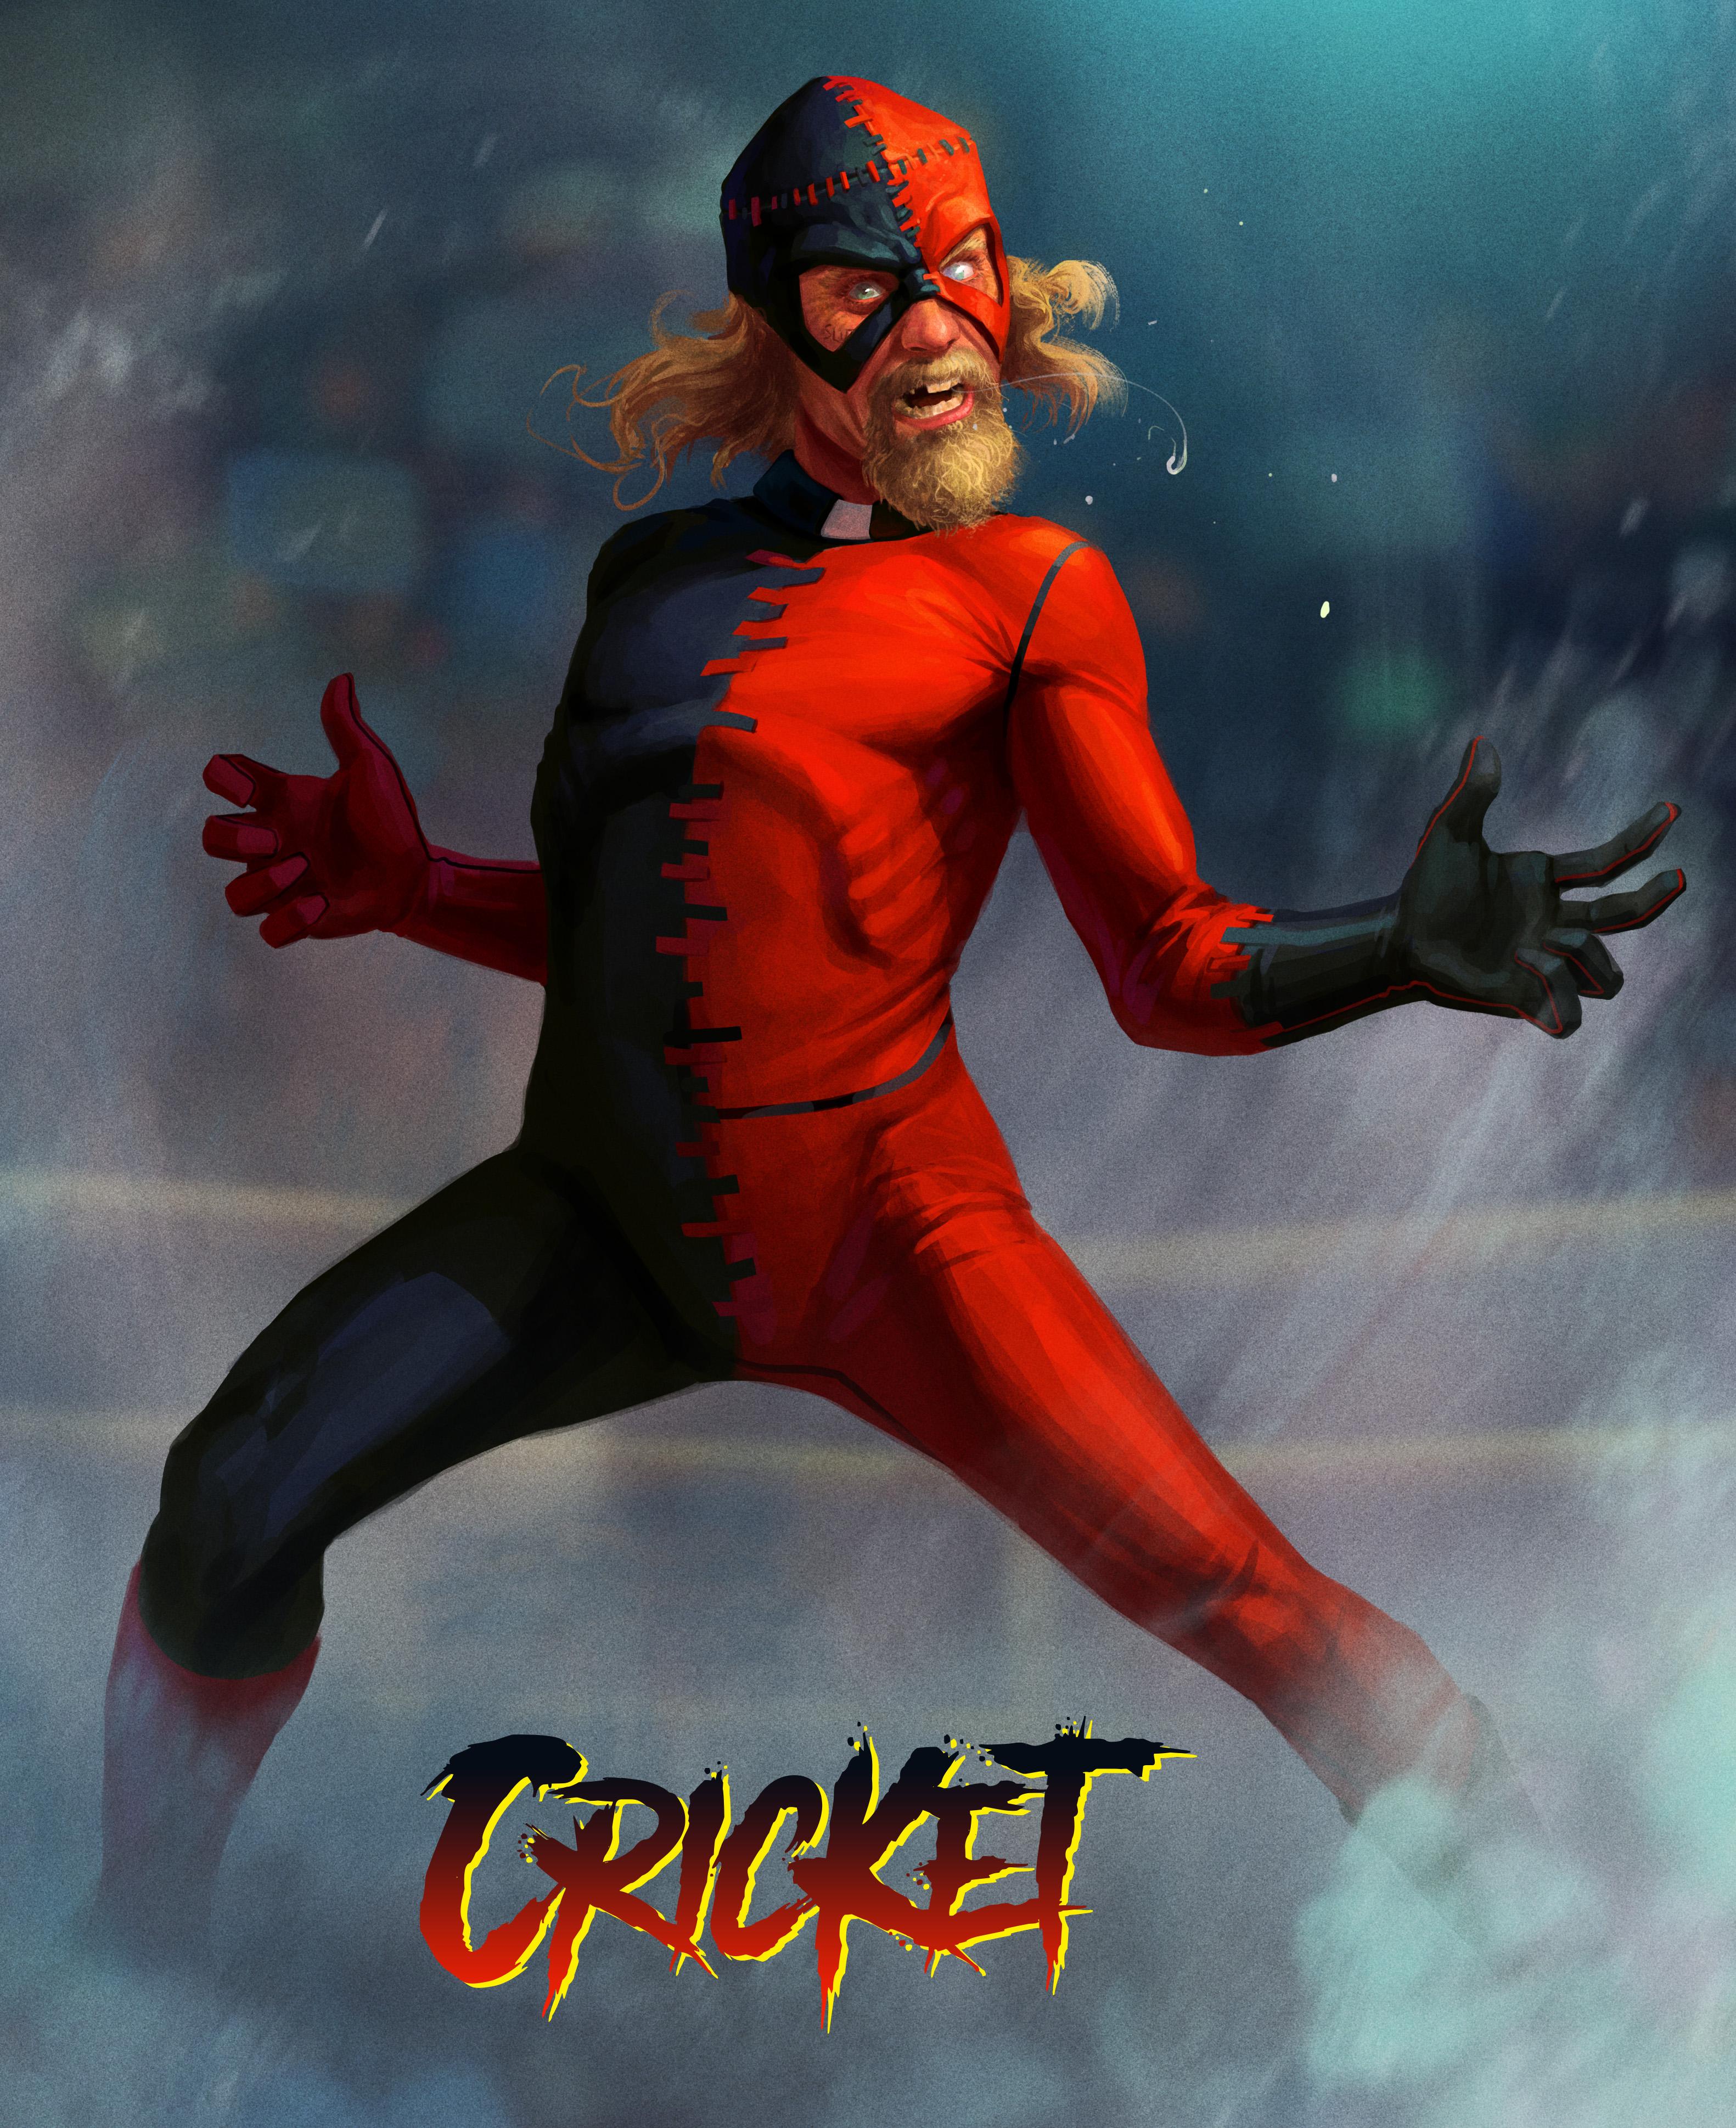 David Hornsby as Cricket / Executive Producer / Writer